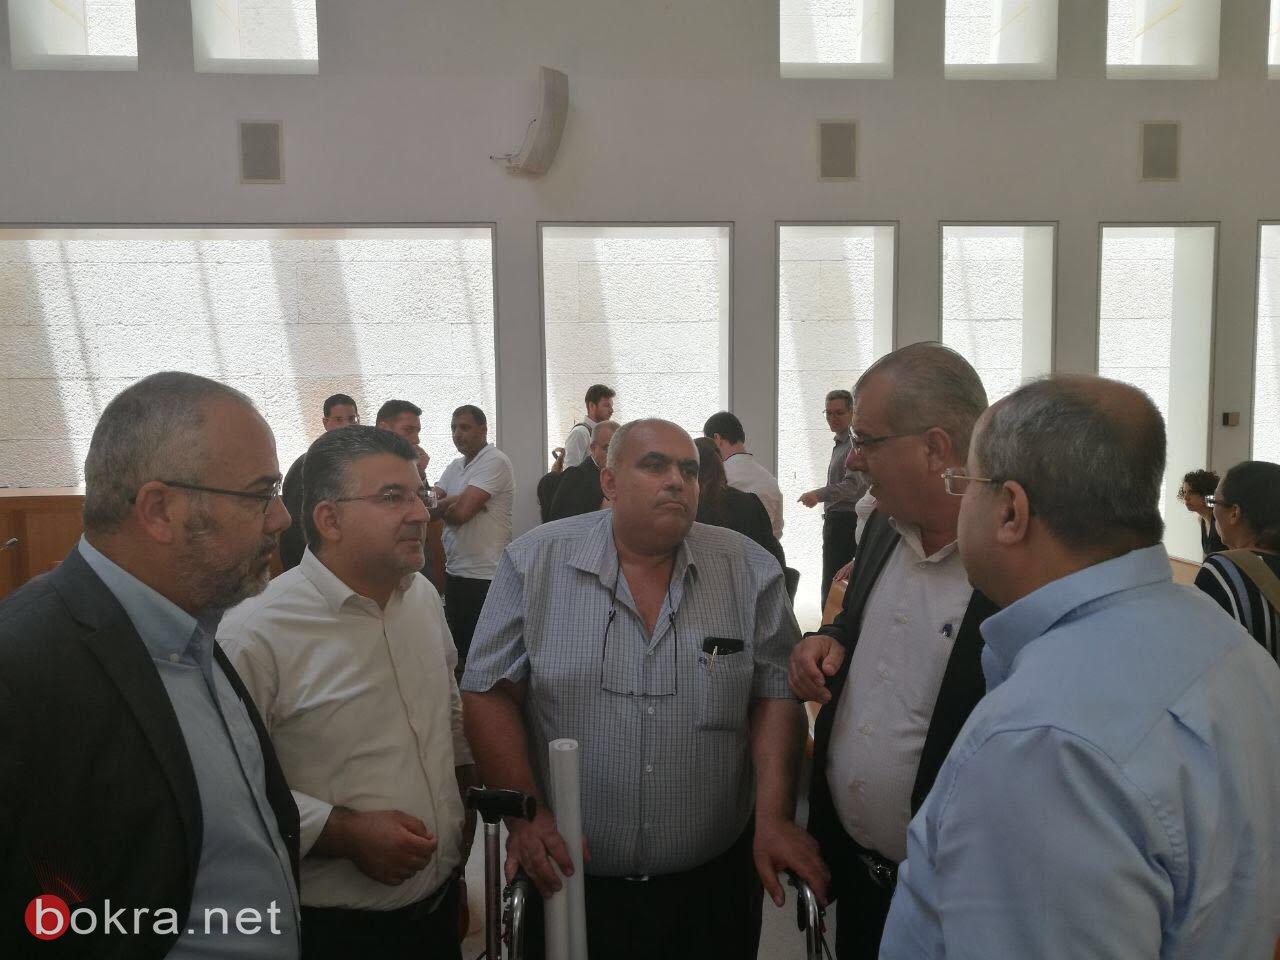 قرارات ايجابية للمحكمة العليا في قضية قرية دهمش